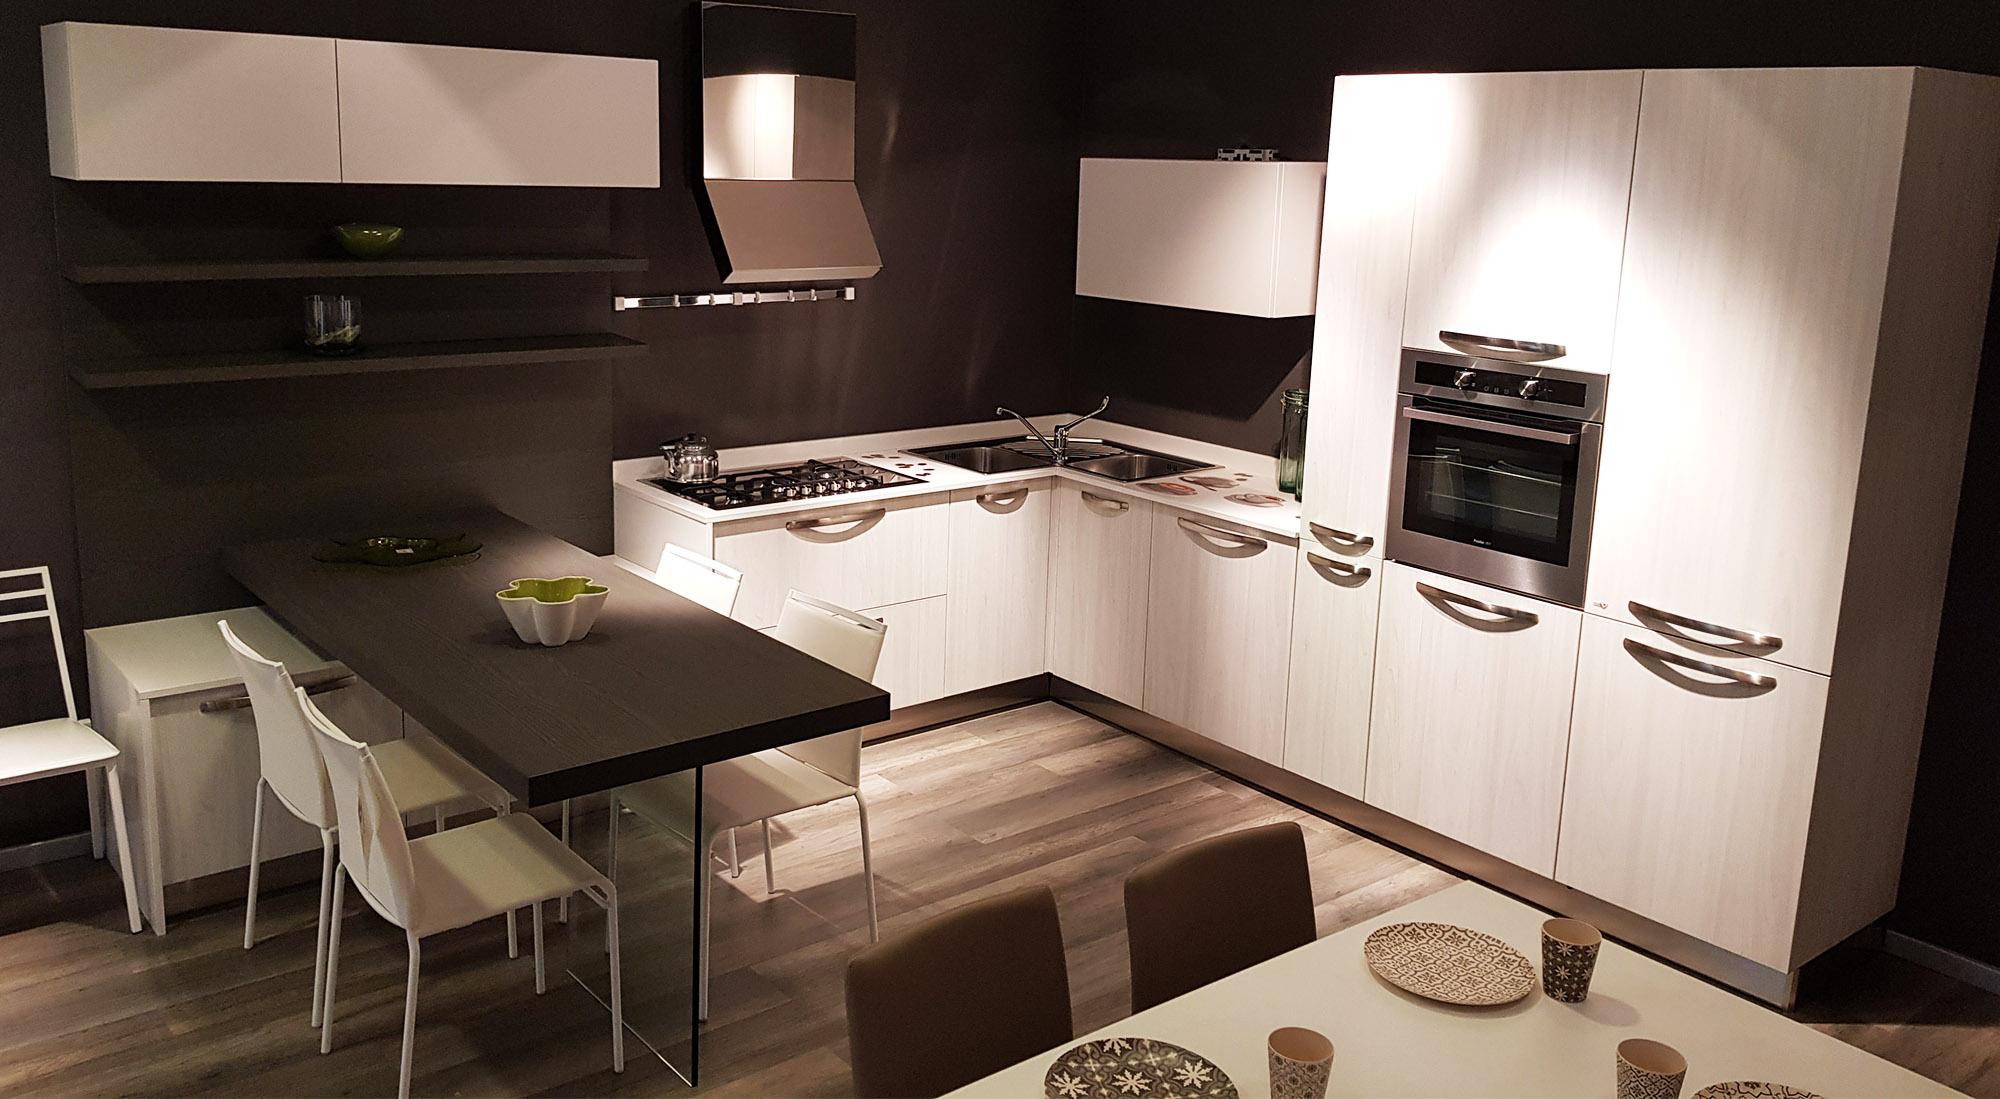 Immagini Cucine Ad Angolo cucina ad angolo olmo bianco | offerta cucine esposizione padova